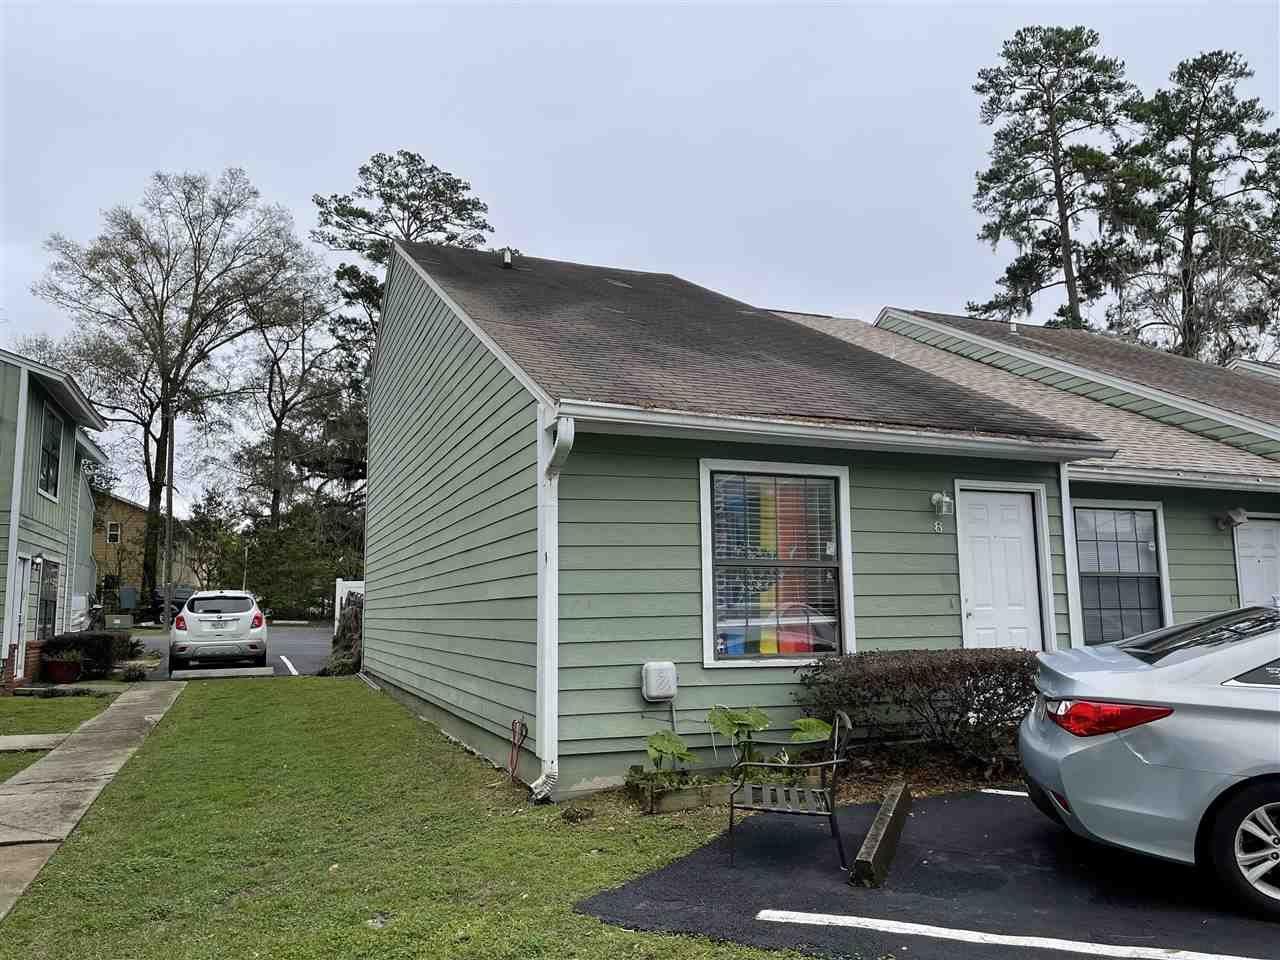 301 S LIPONA Road, Tallahassee, FL 32304 - MLS#: 328644